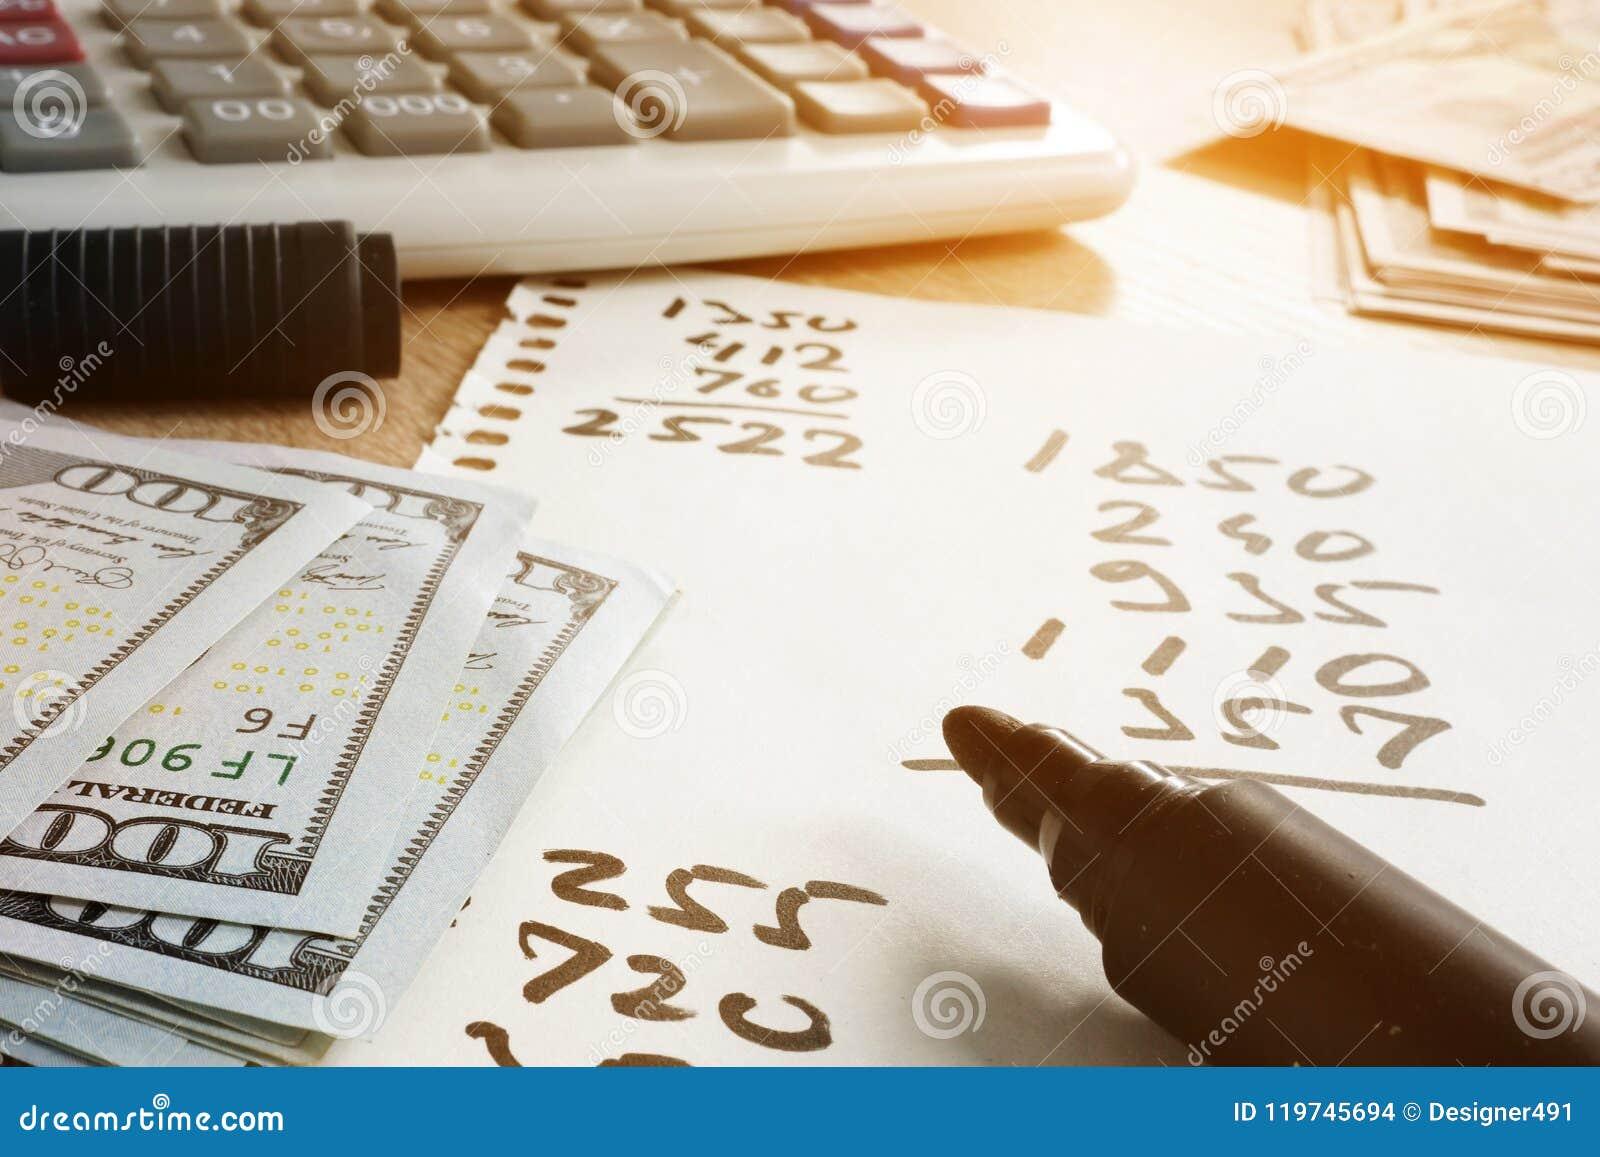 Domów finanse Papier z obliczeniami, kalkulatorem i pieniądze,